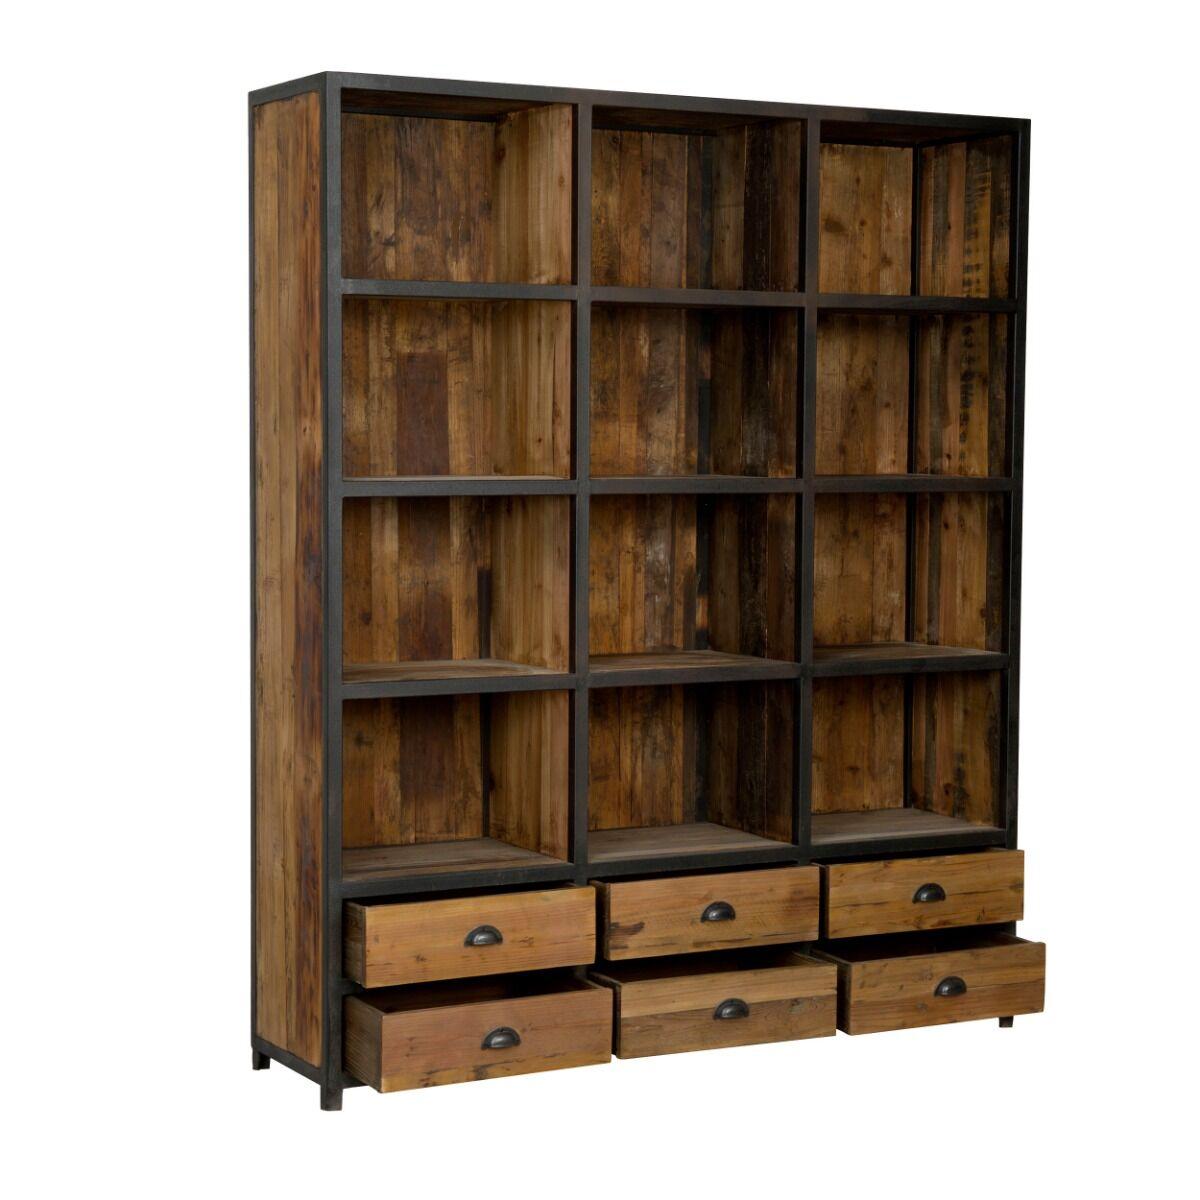 Rendez vous déco Bibliothèque 6 tiroirs 12 niches en métal et bois de cèdre